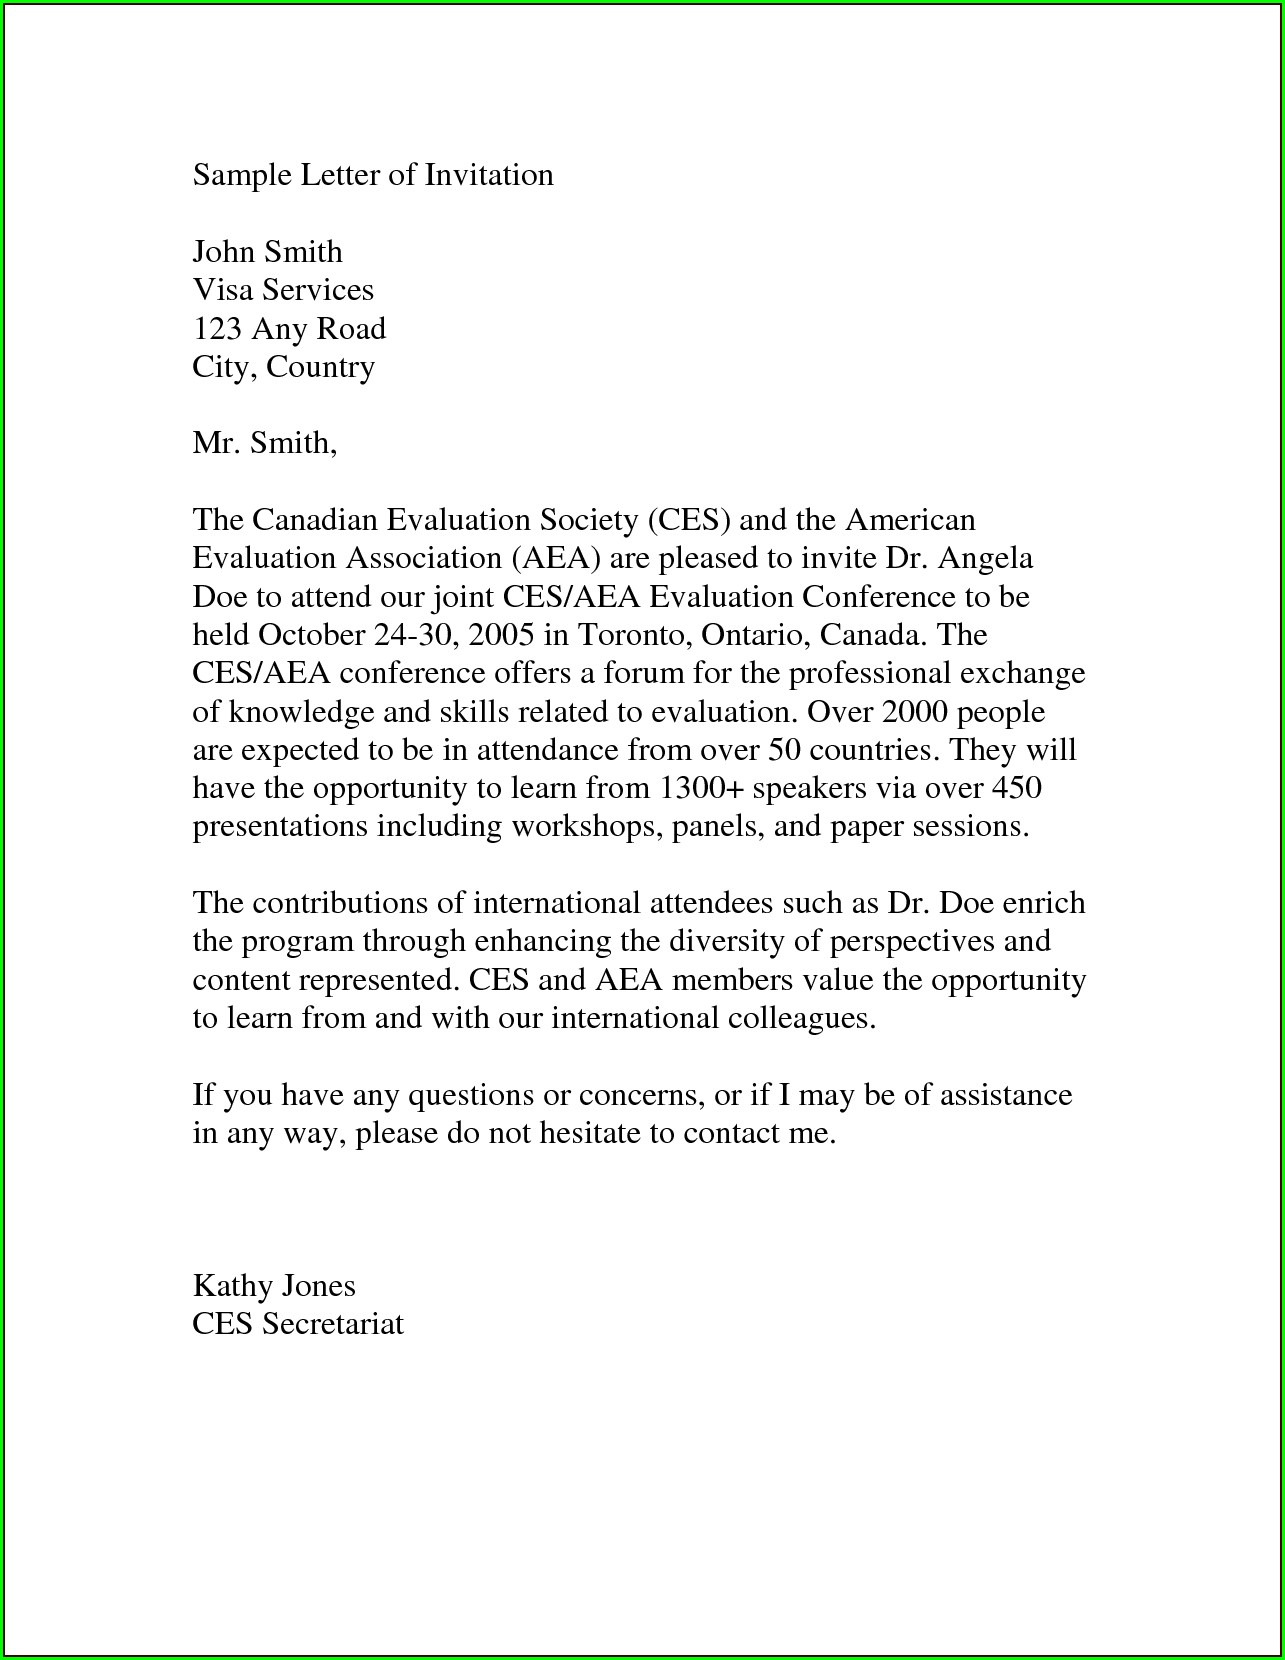 Invitation Letter For Australian Tourist Visa For Friend